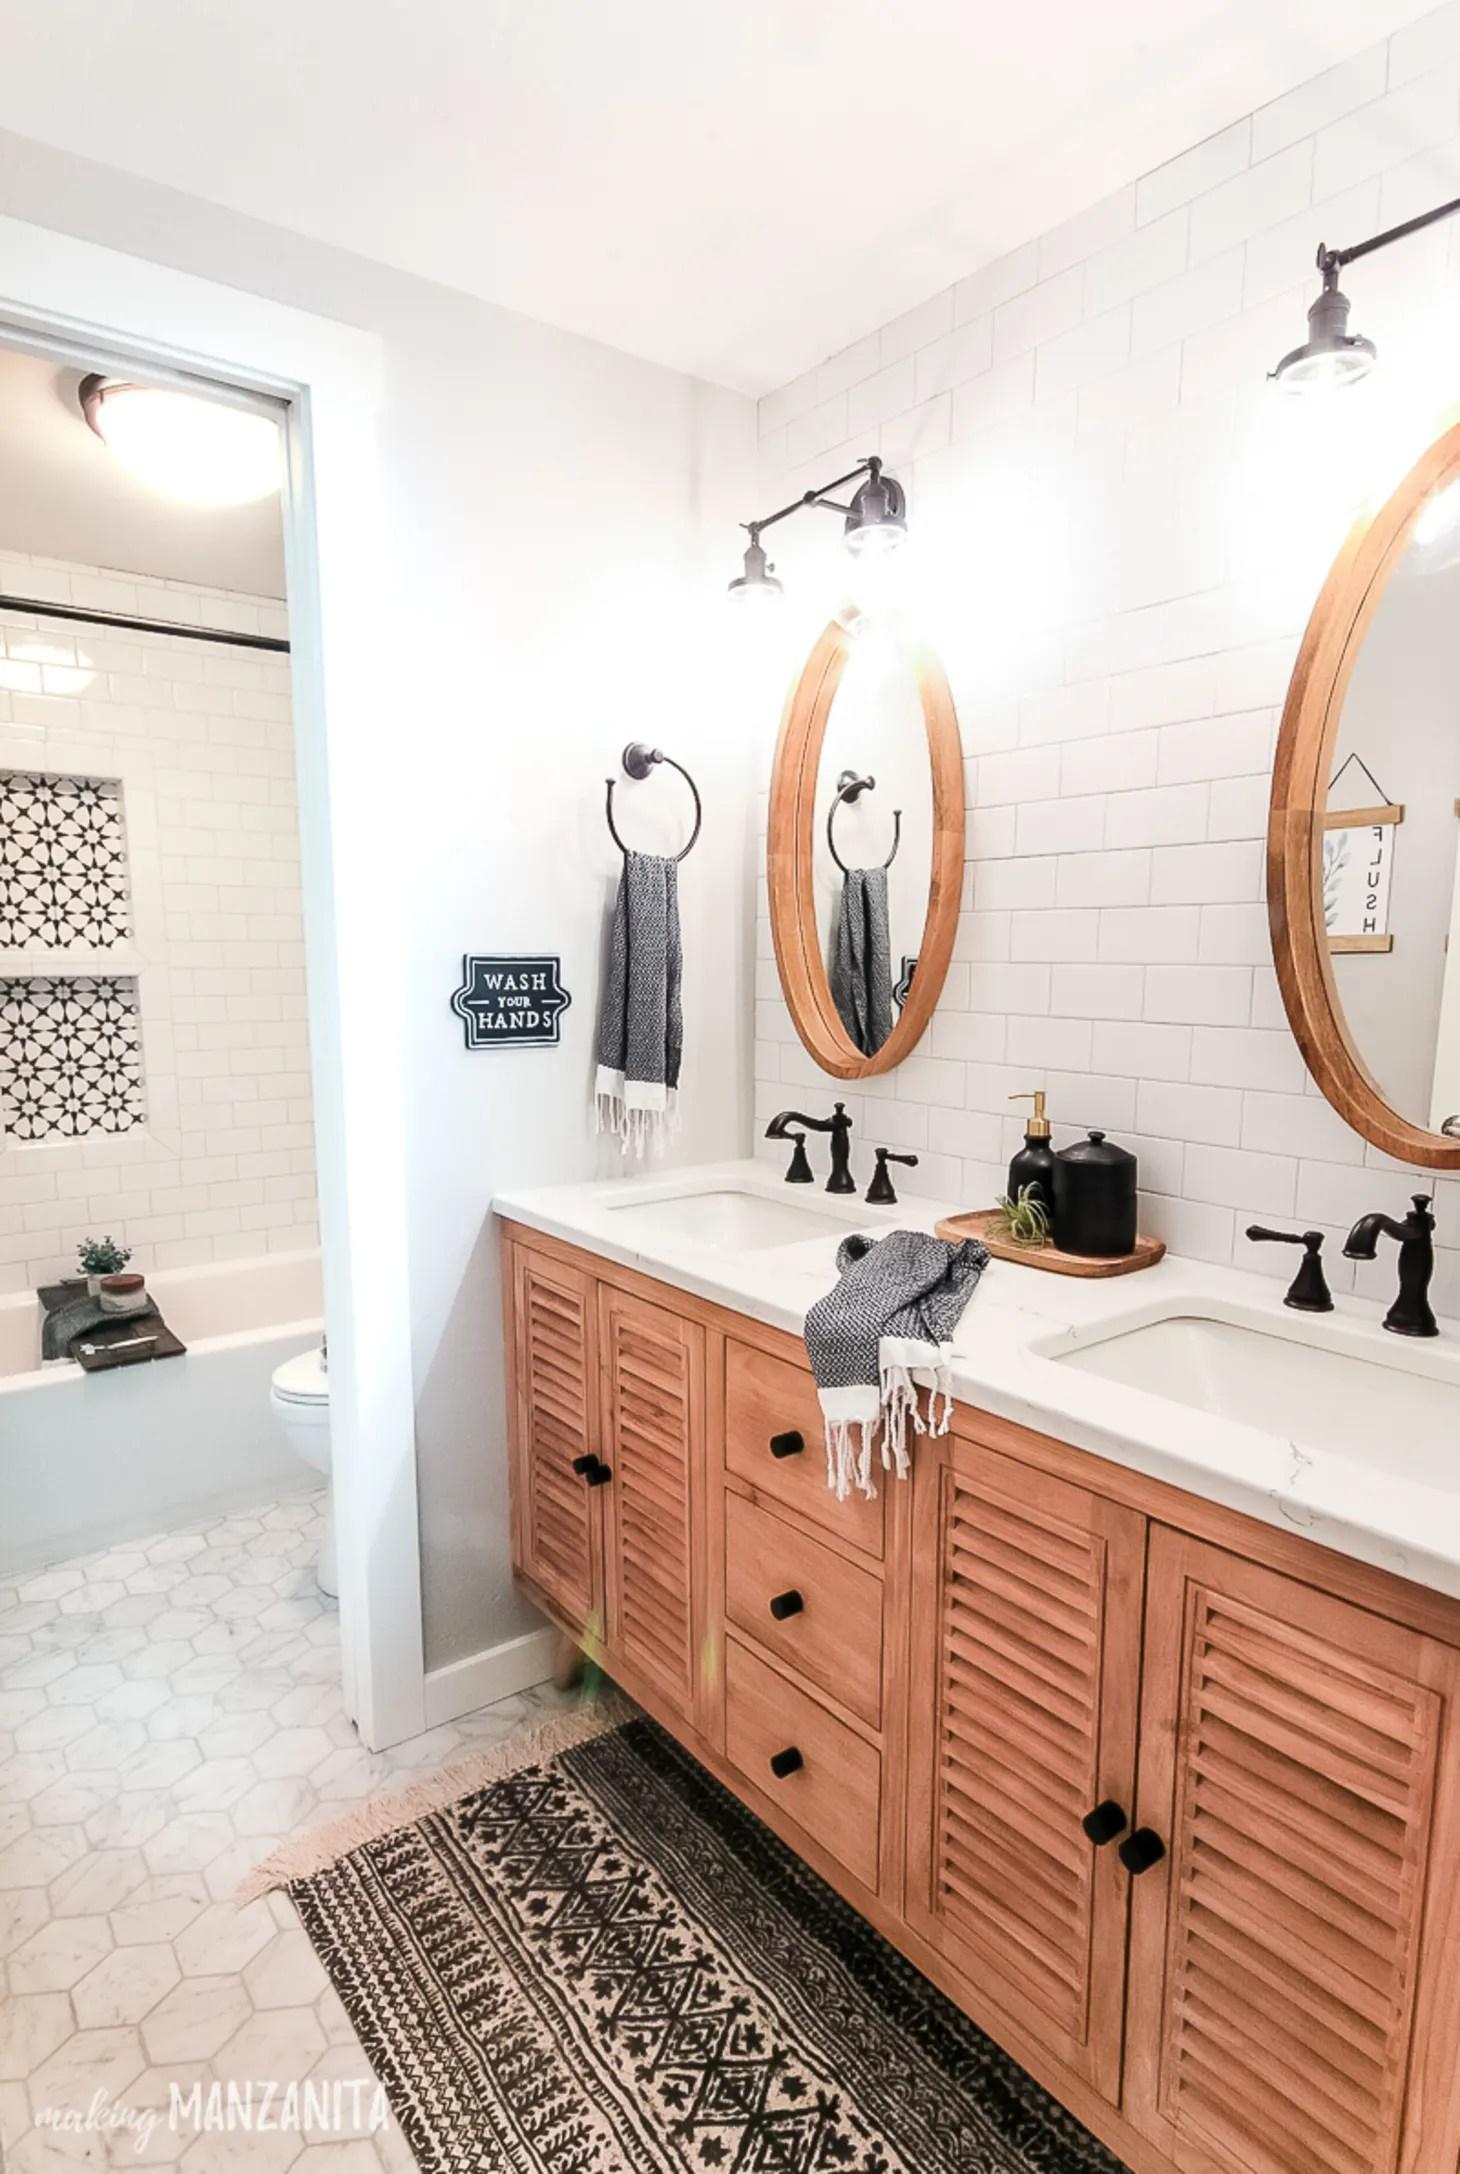 The Best Farmhouse Bathroom Decor - Farmhouse Bathroom ... on Bathroom Ideas Modern Farmhouse  id=48047